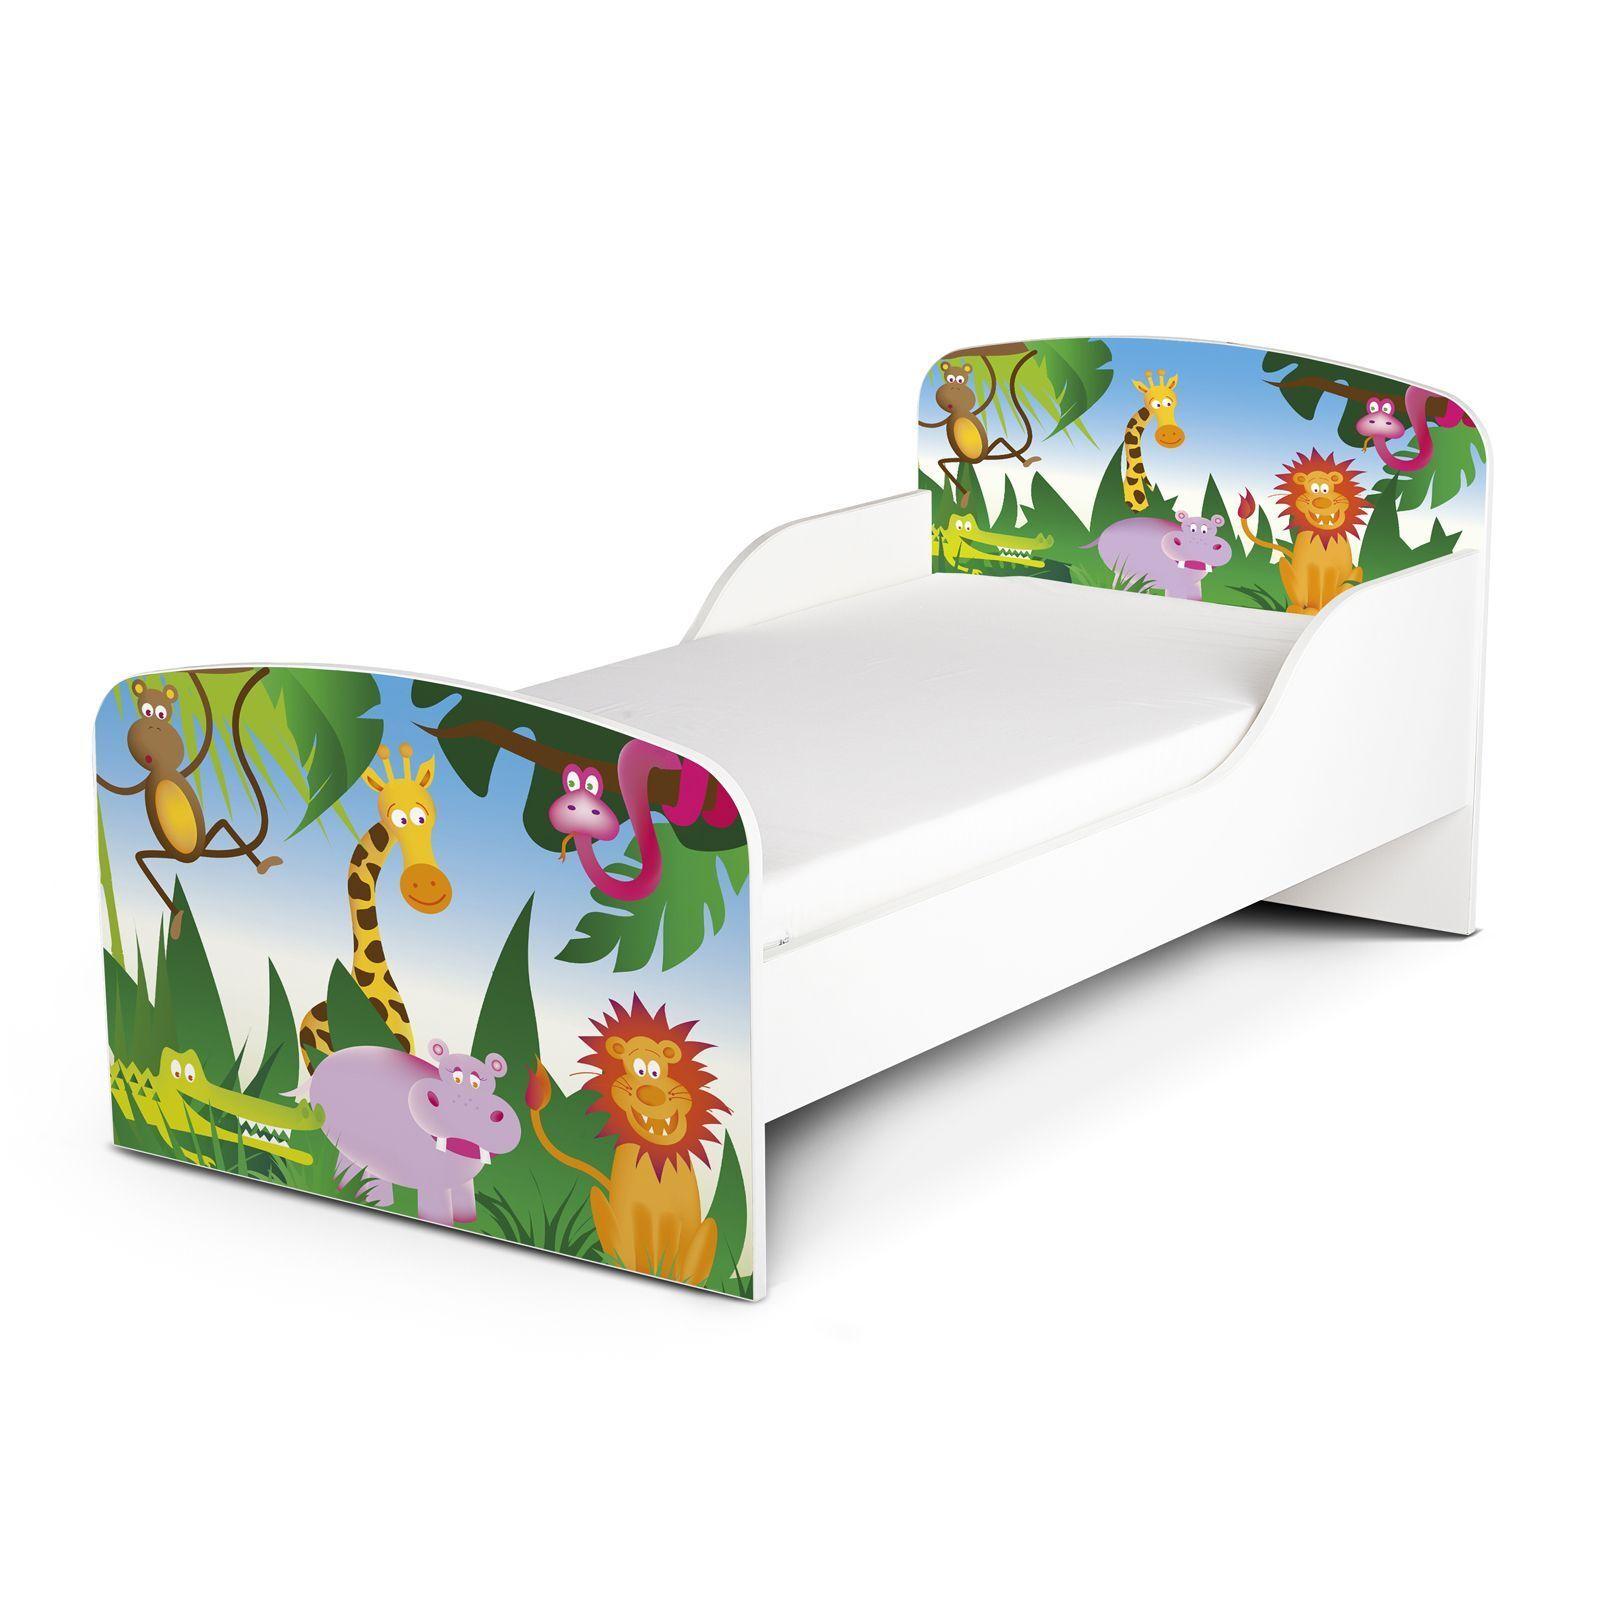 Jungle Design MDF Lit Enfant Nouveau Bois Animaux